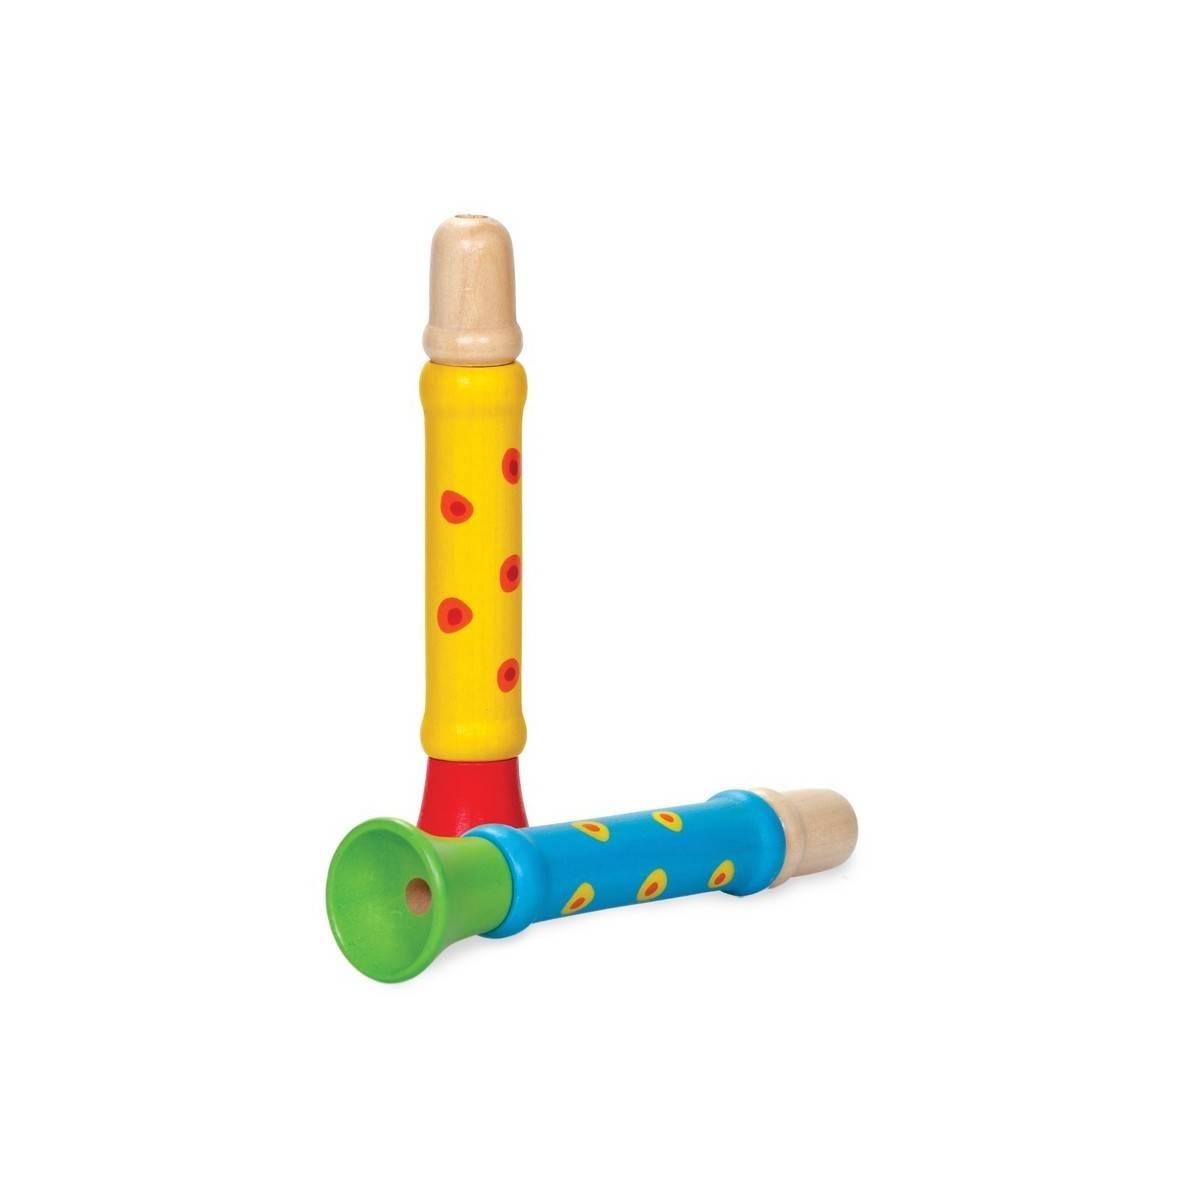 Sifflet-Trompette Bois Multicolore